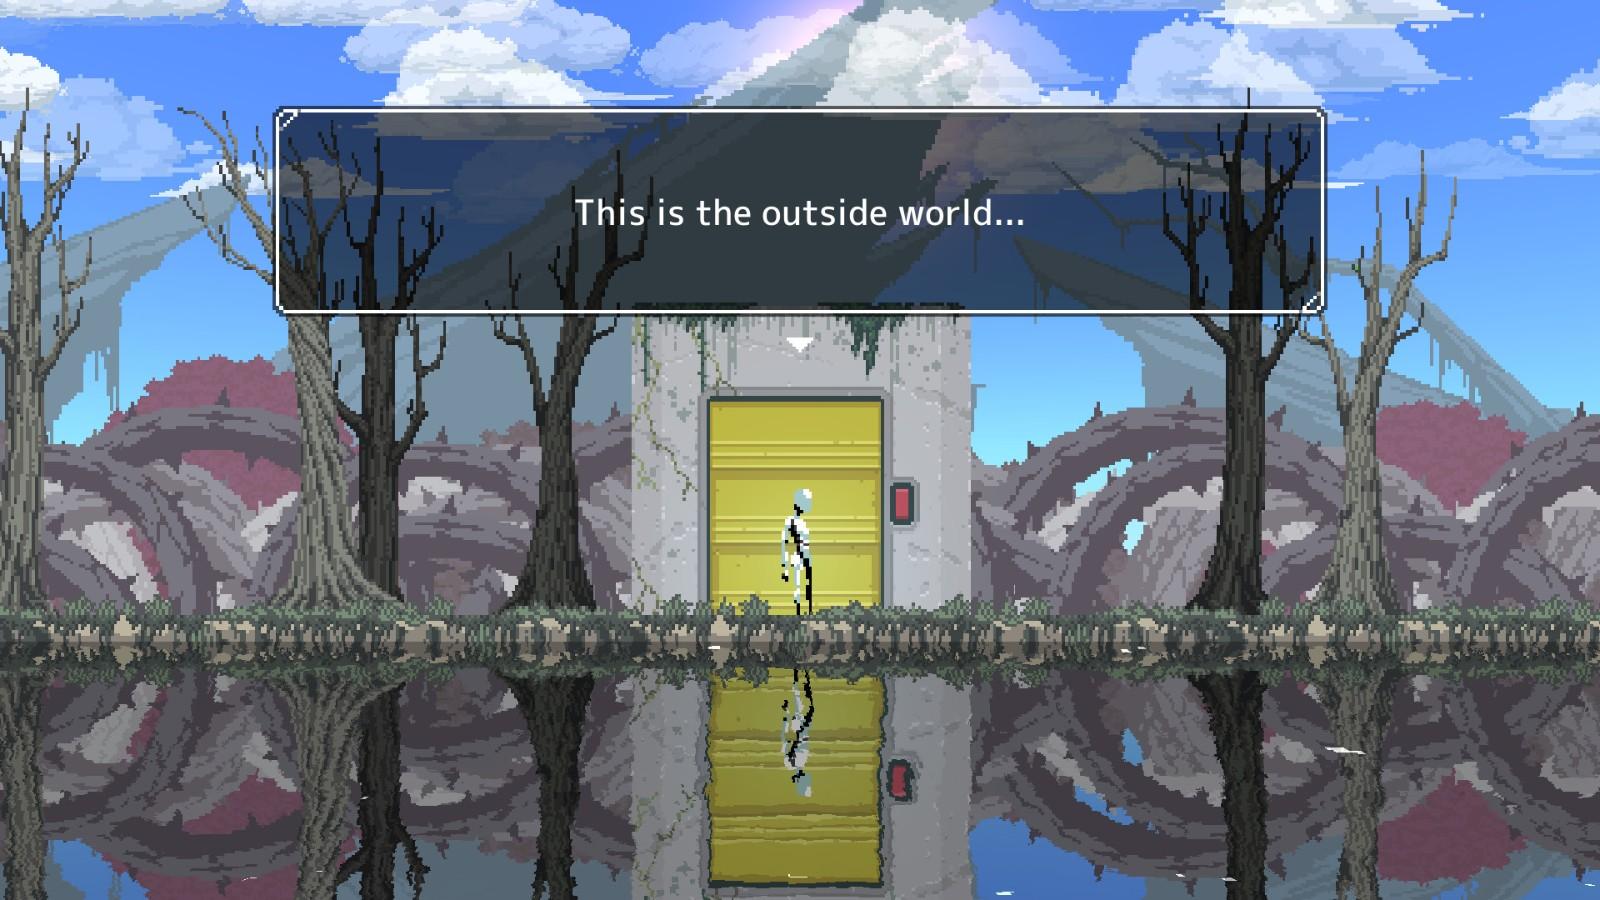 像素冒險《雙面世界》7月16日登陸PC 畫風清晰唯美